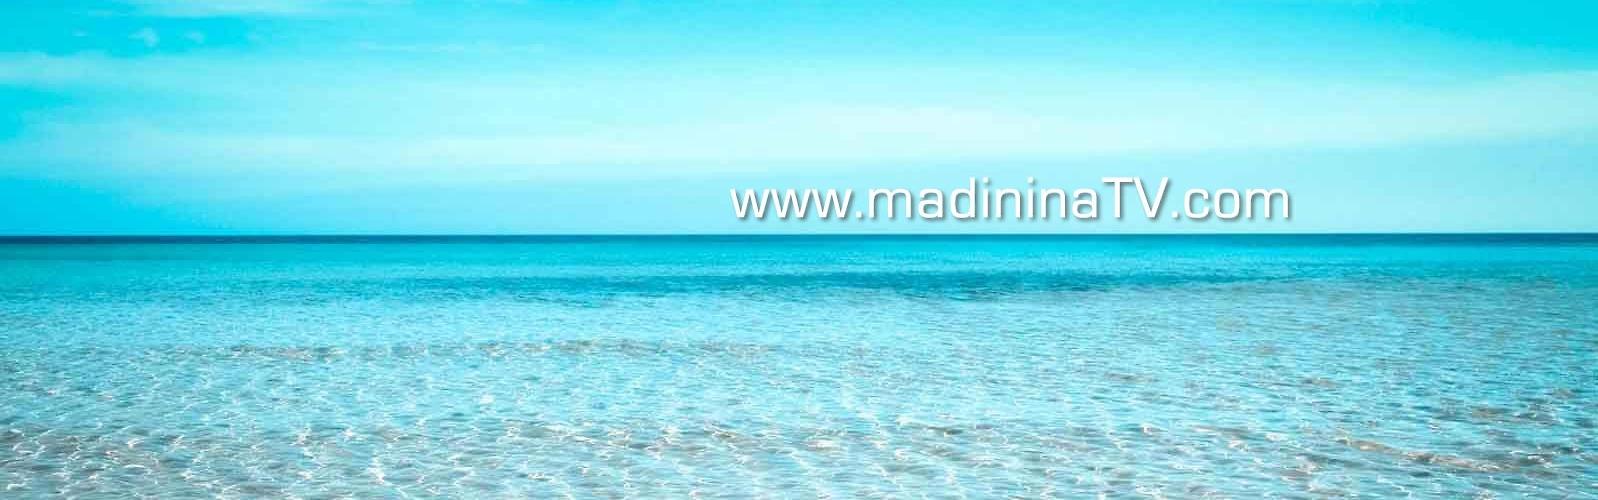 MadininaTV